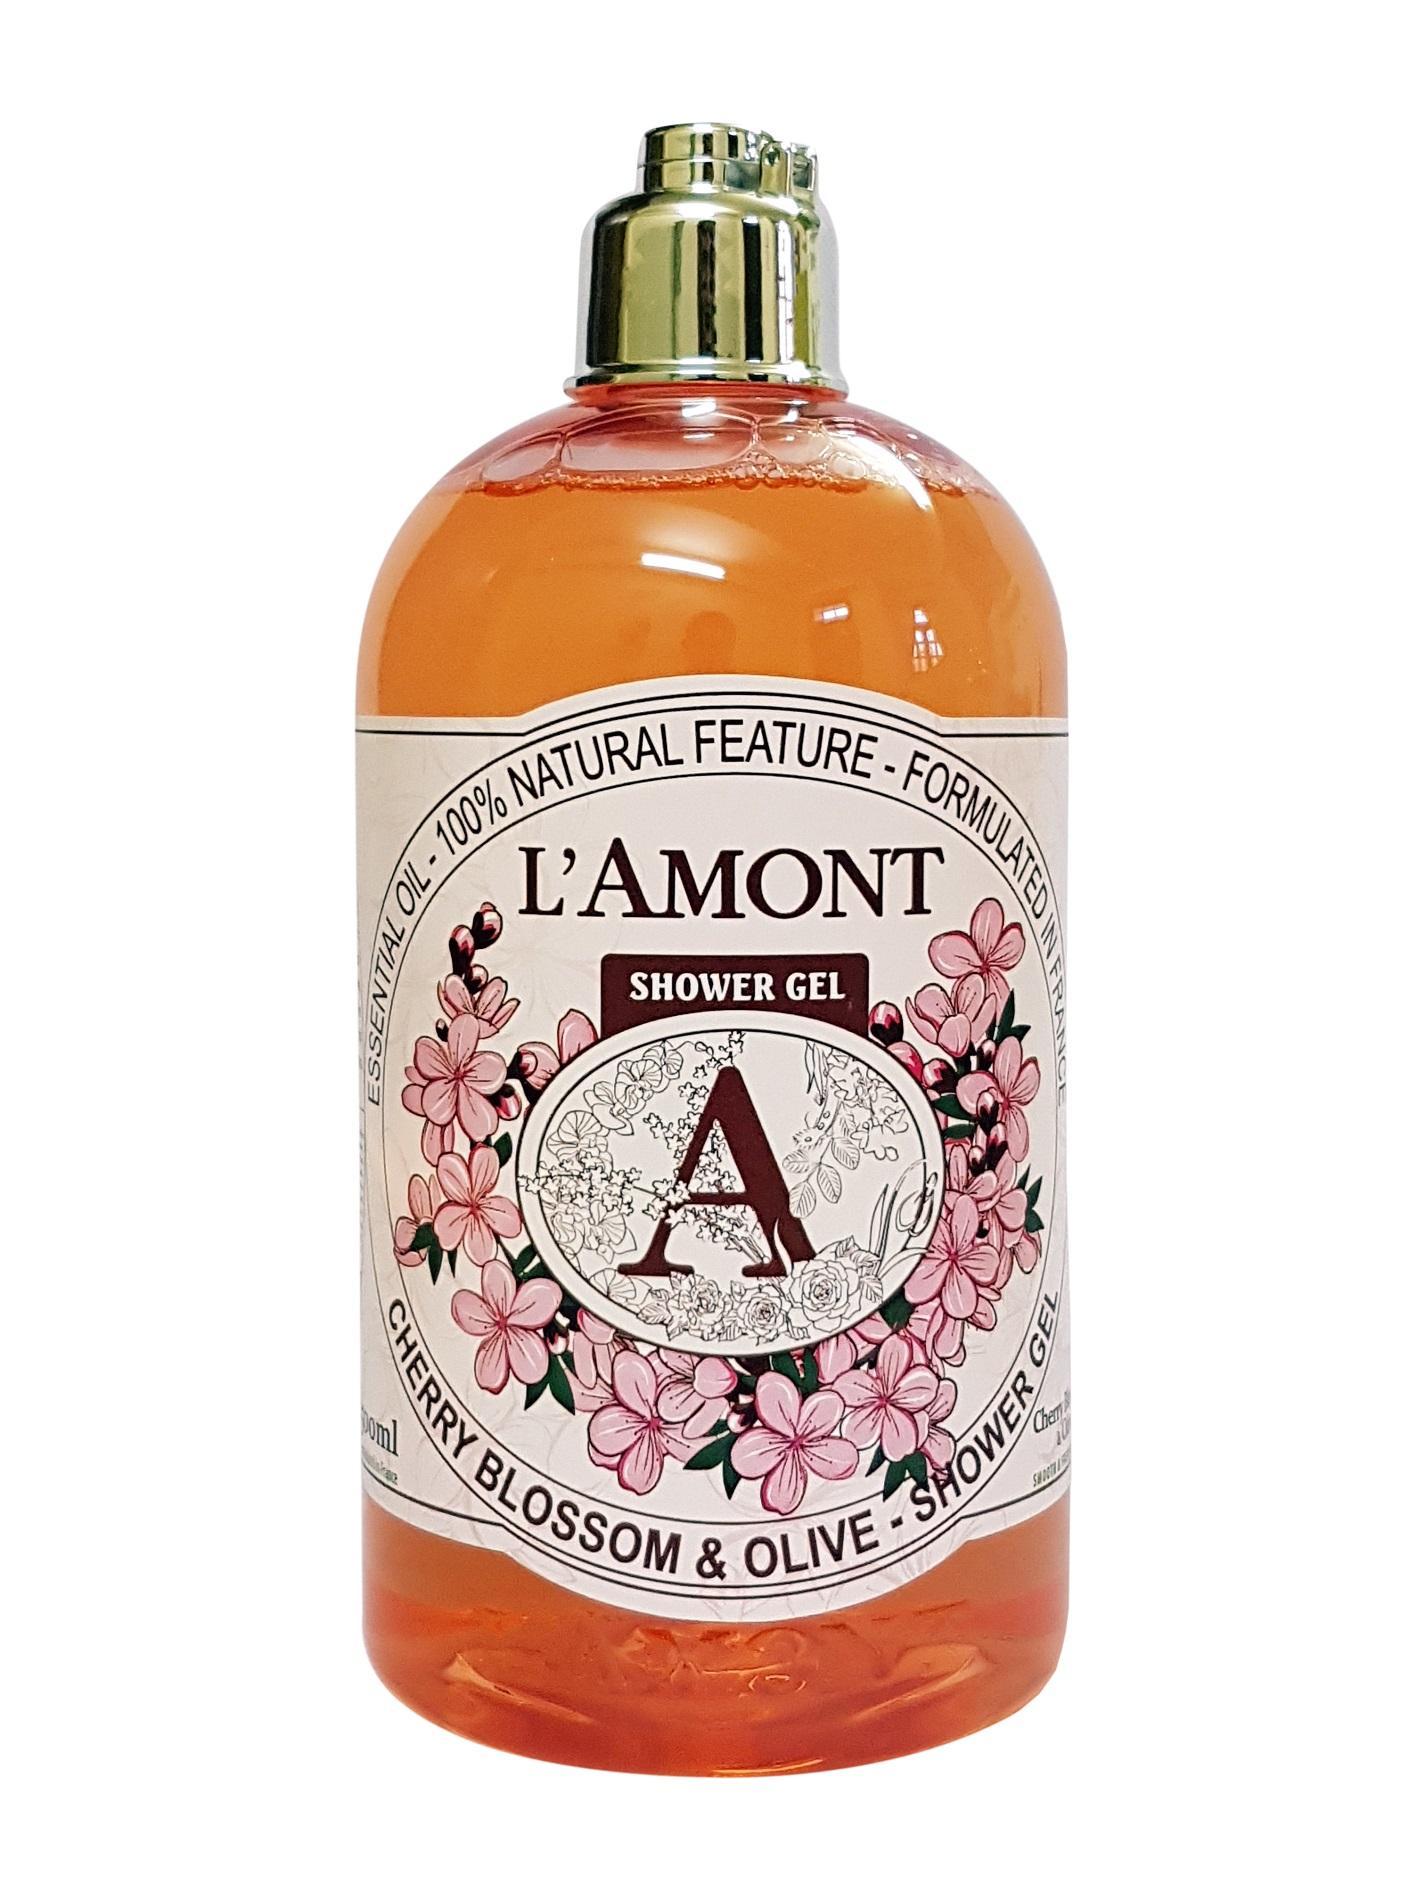 Hình ảnh Sữa Tắm Lamont En Provence Cherry Blossom Shower Gel Hương Hoa Anh Đào Chai 500ml.